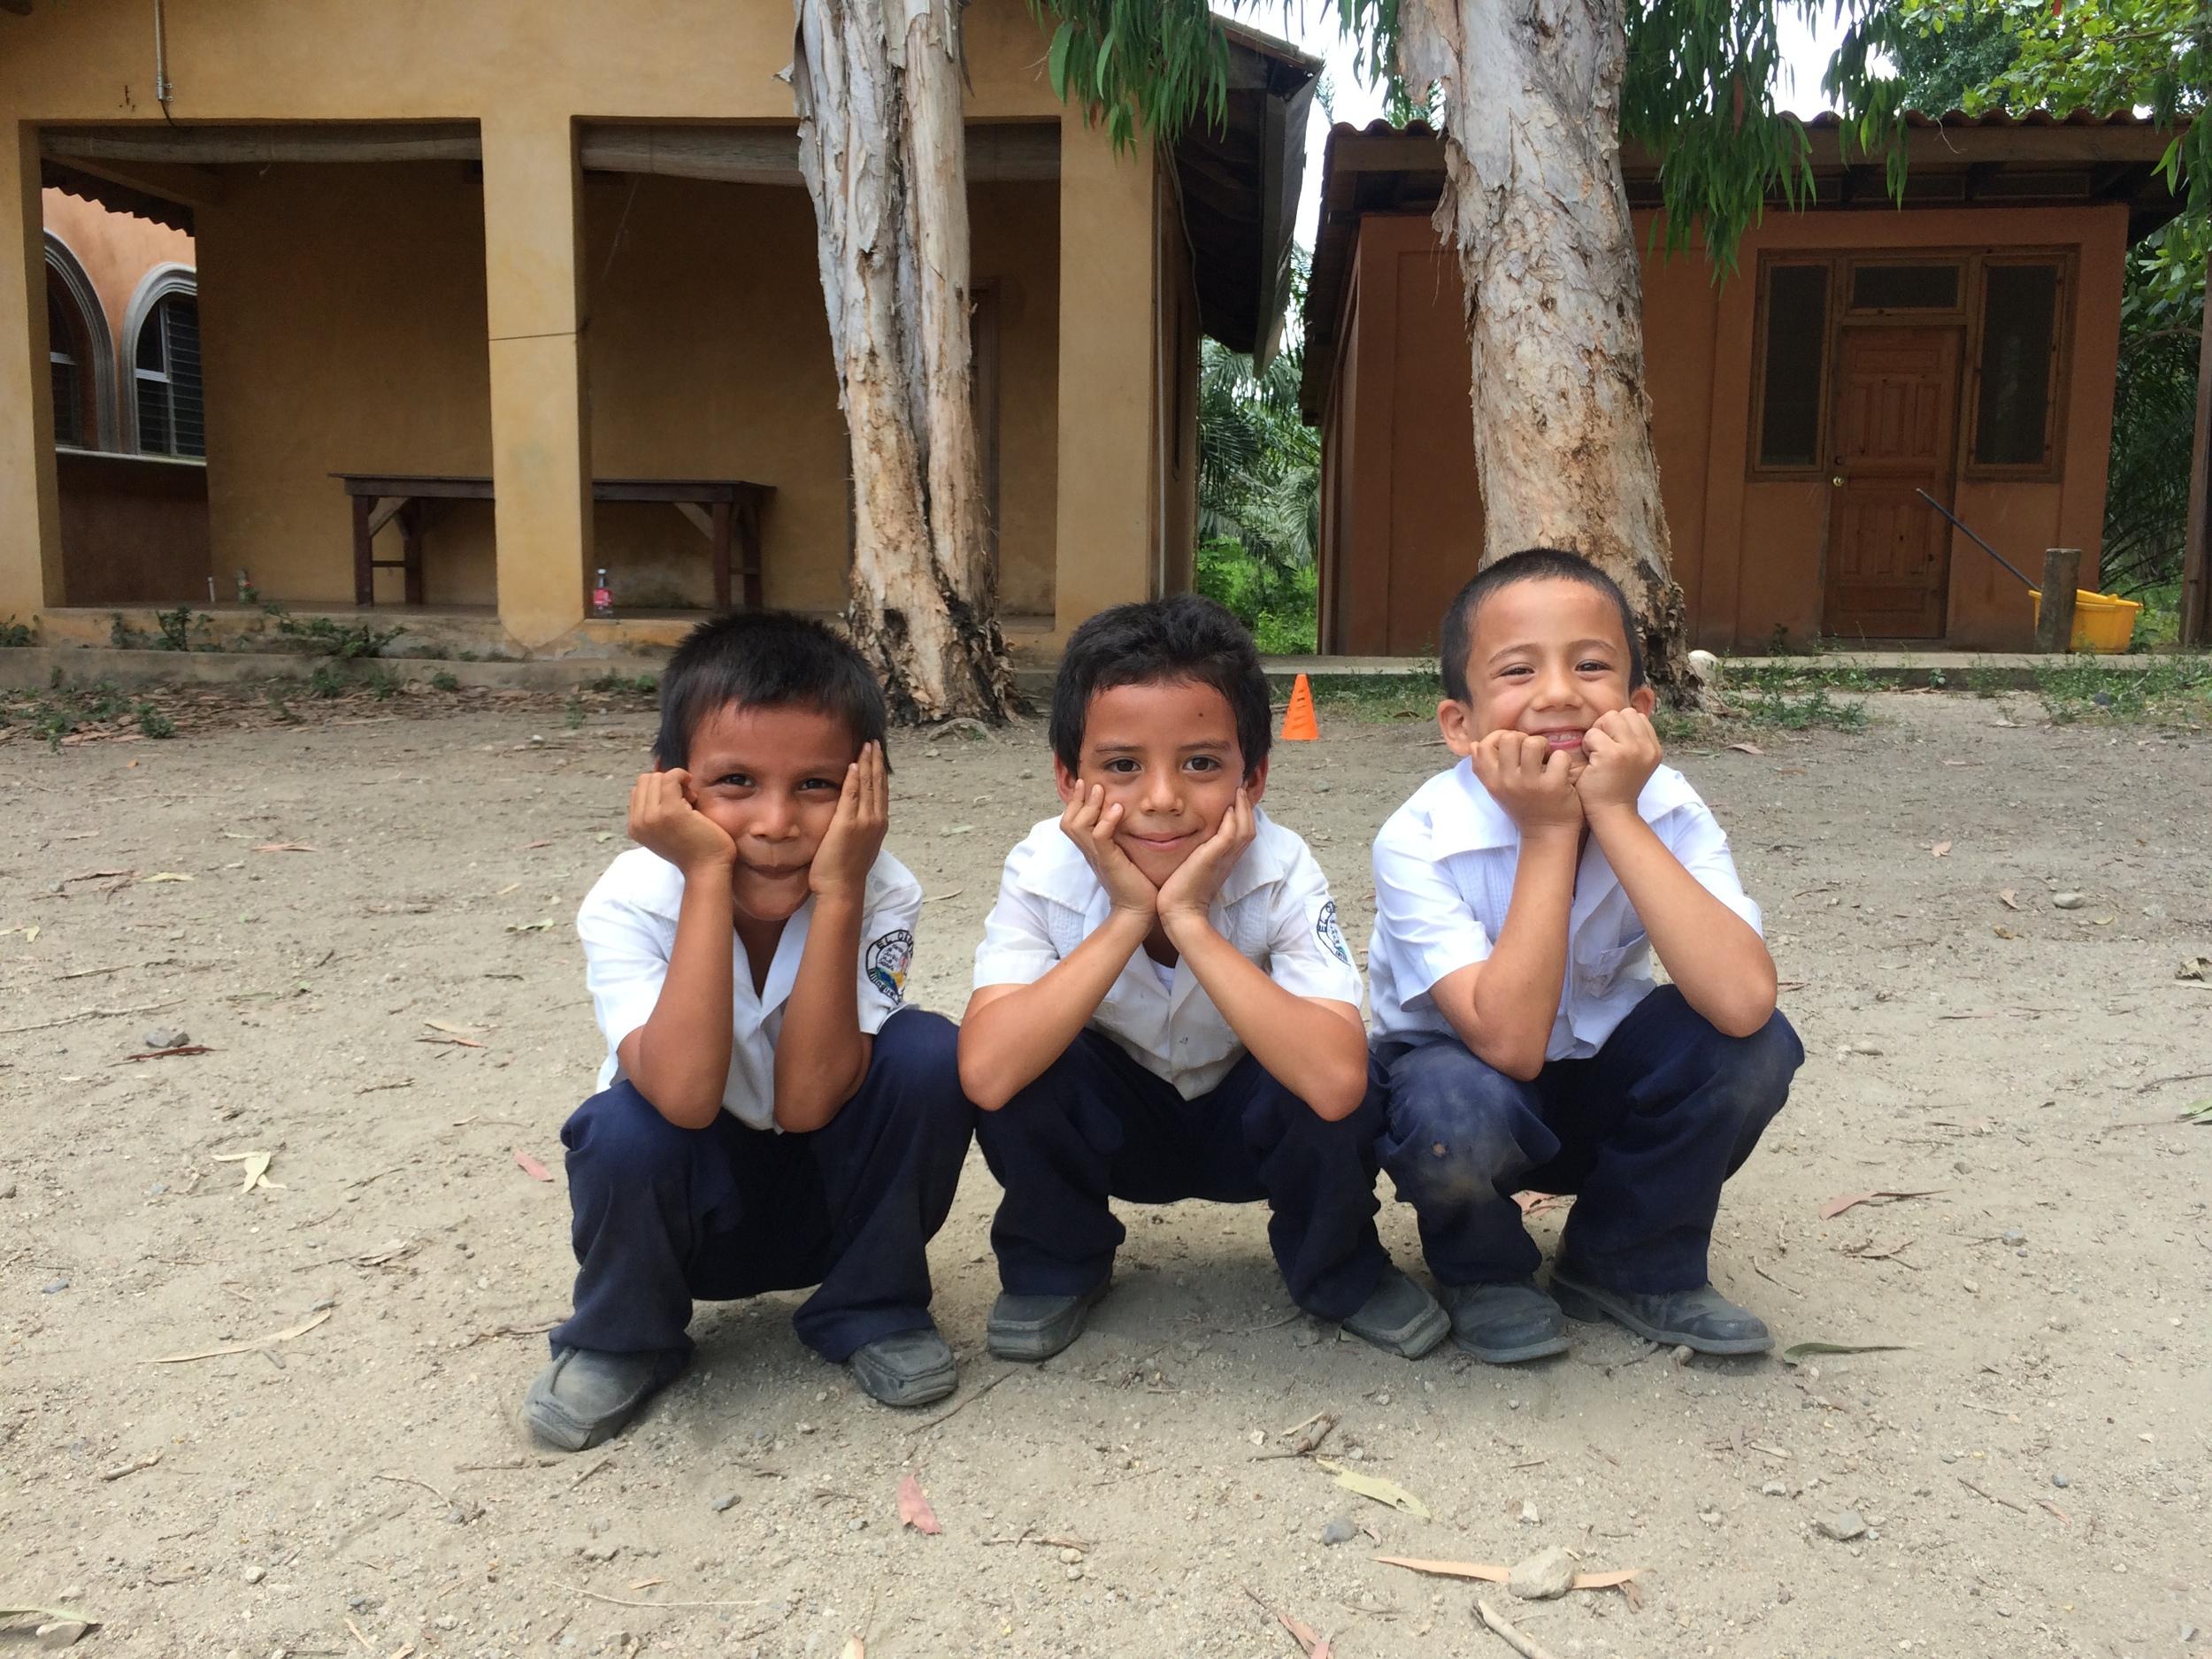 Marvin, Juan, and Ilver at recess.